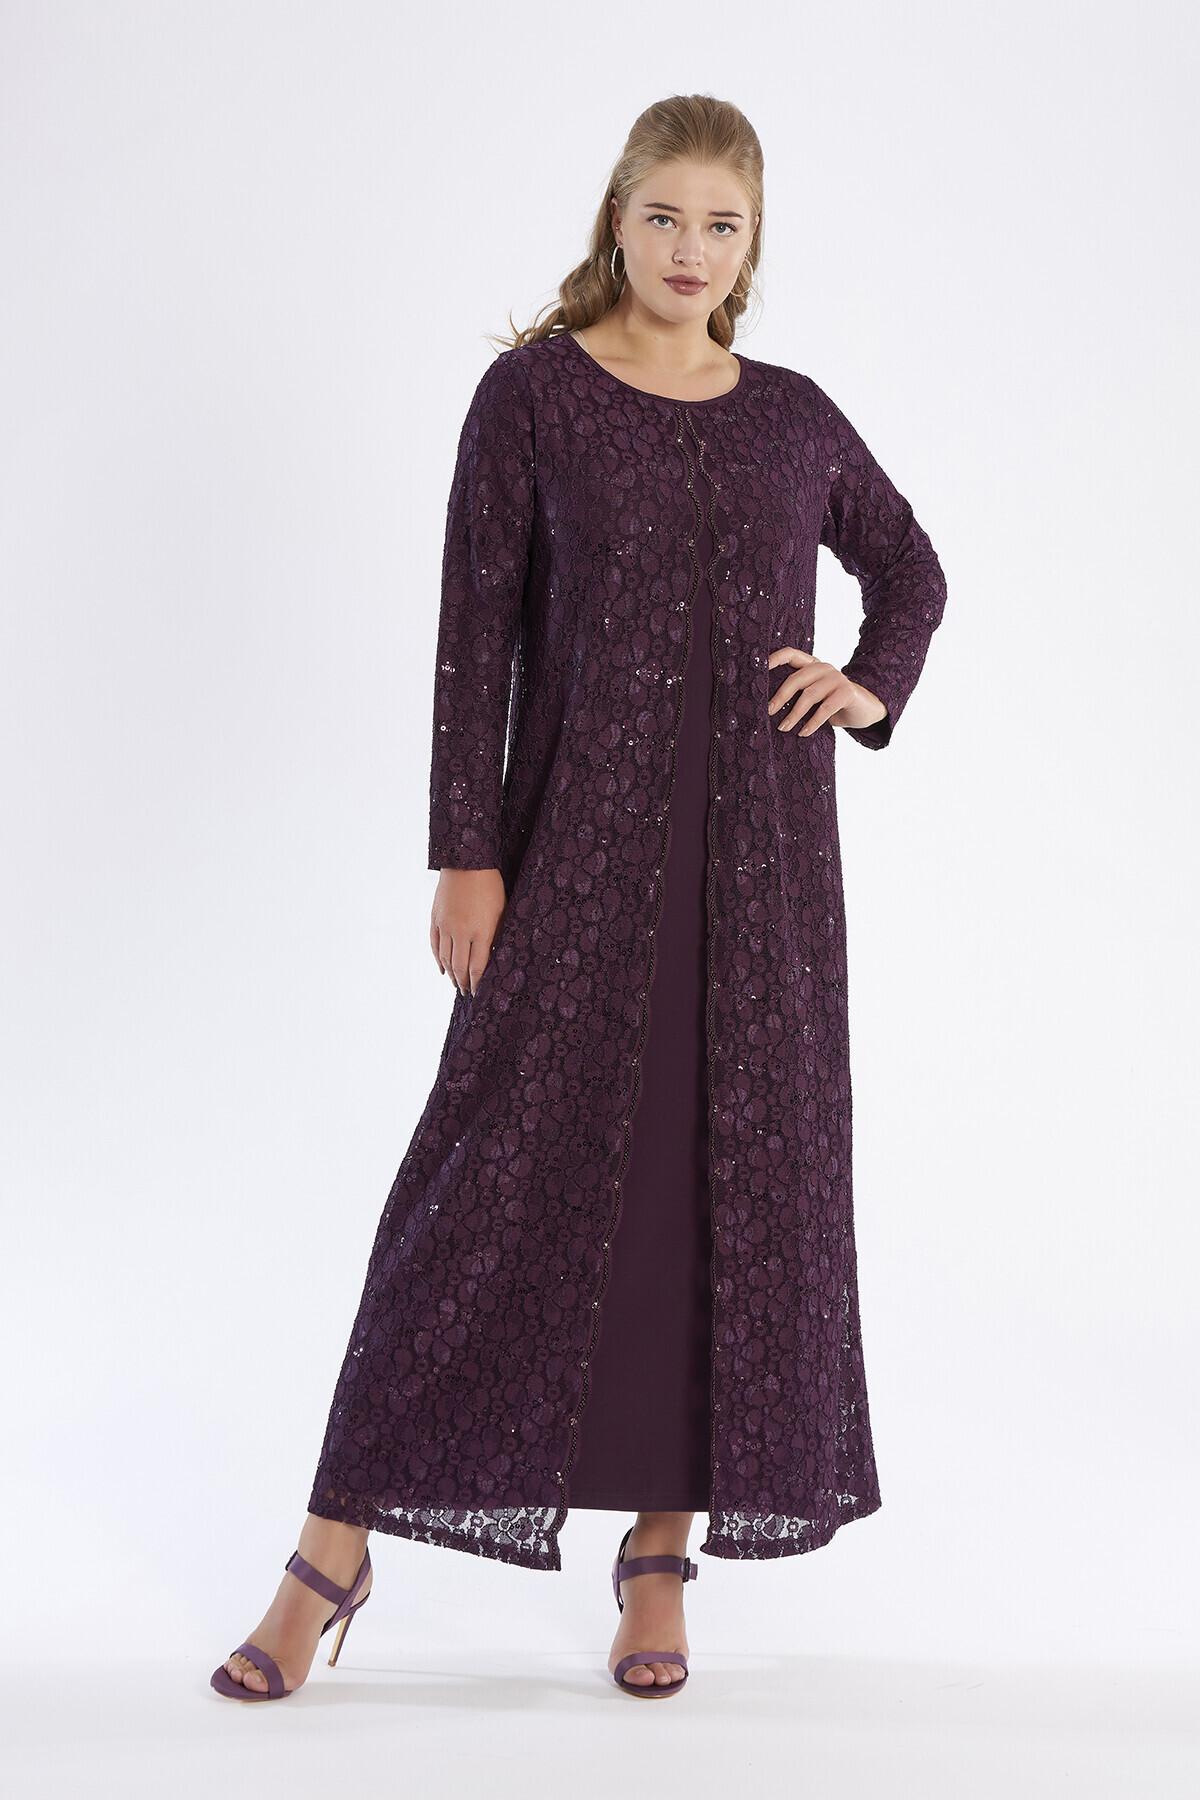 888648f1ead26 Dantelli Uzun Abiye Elbise | Tesettür Abiye Modelleri | Buyukmoda.com